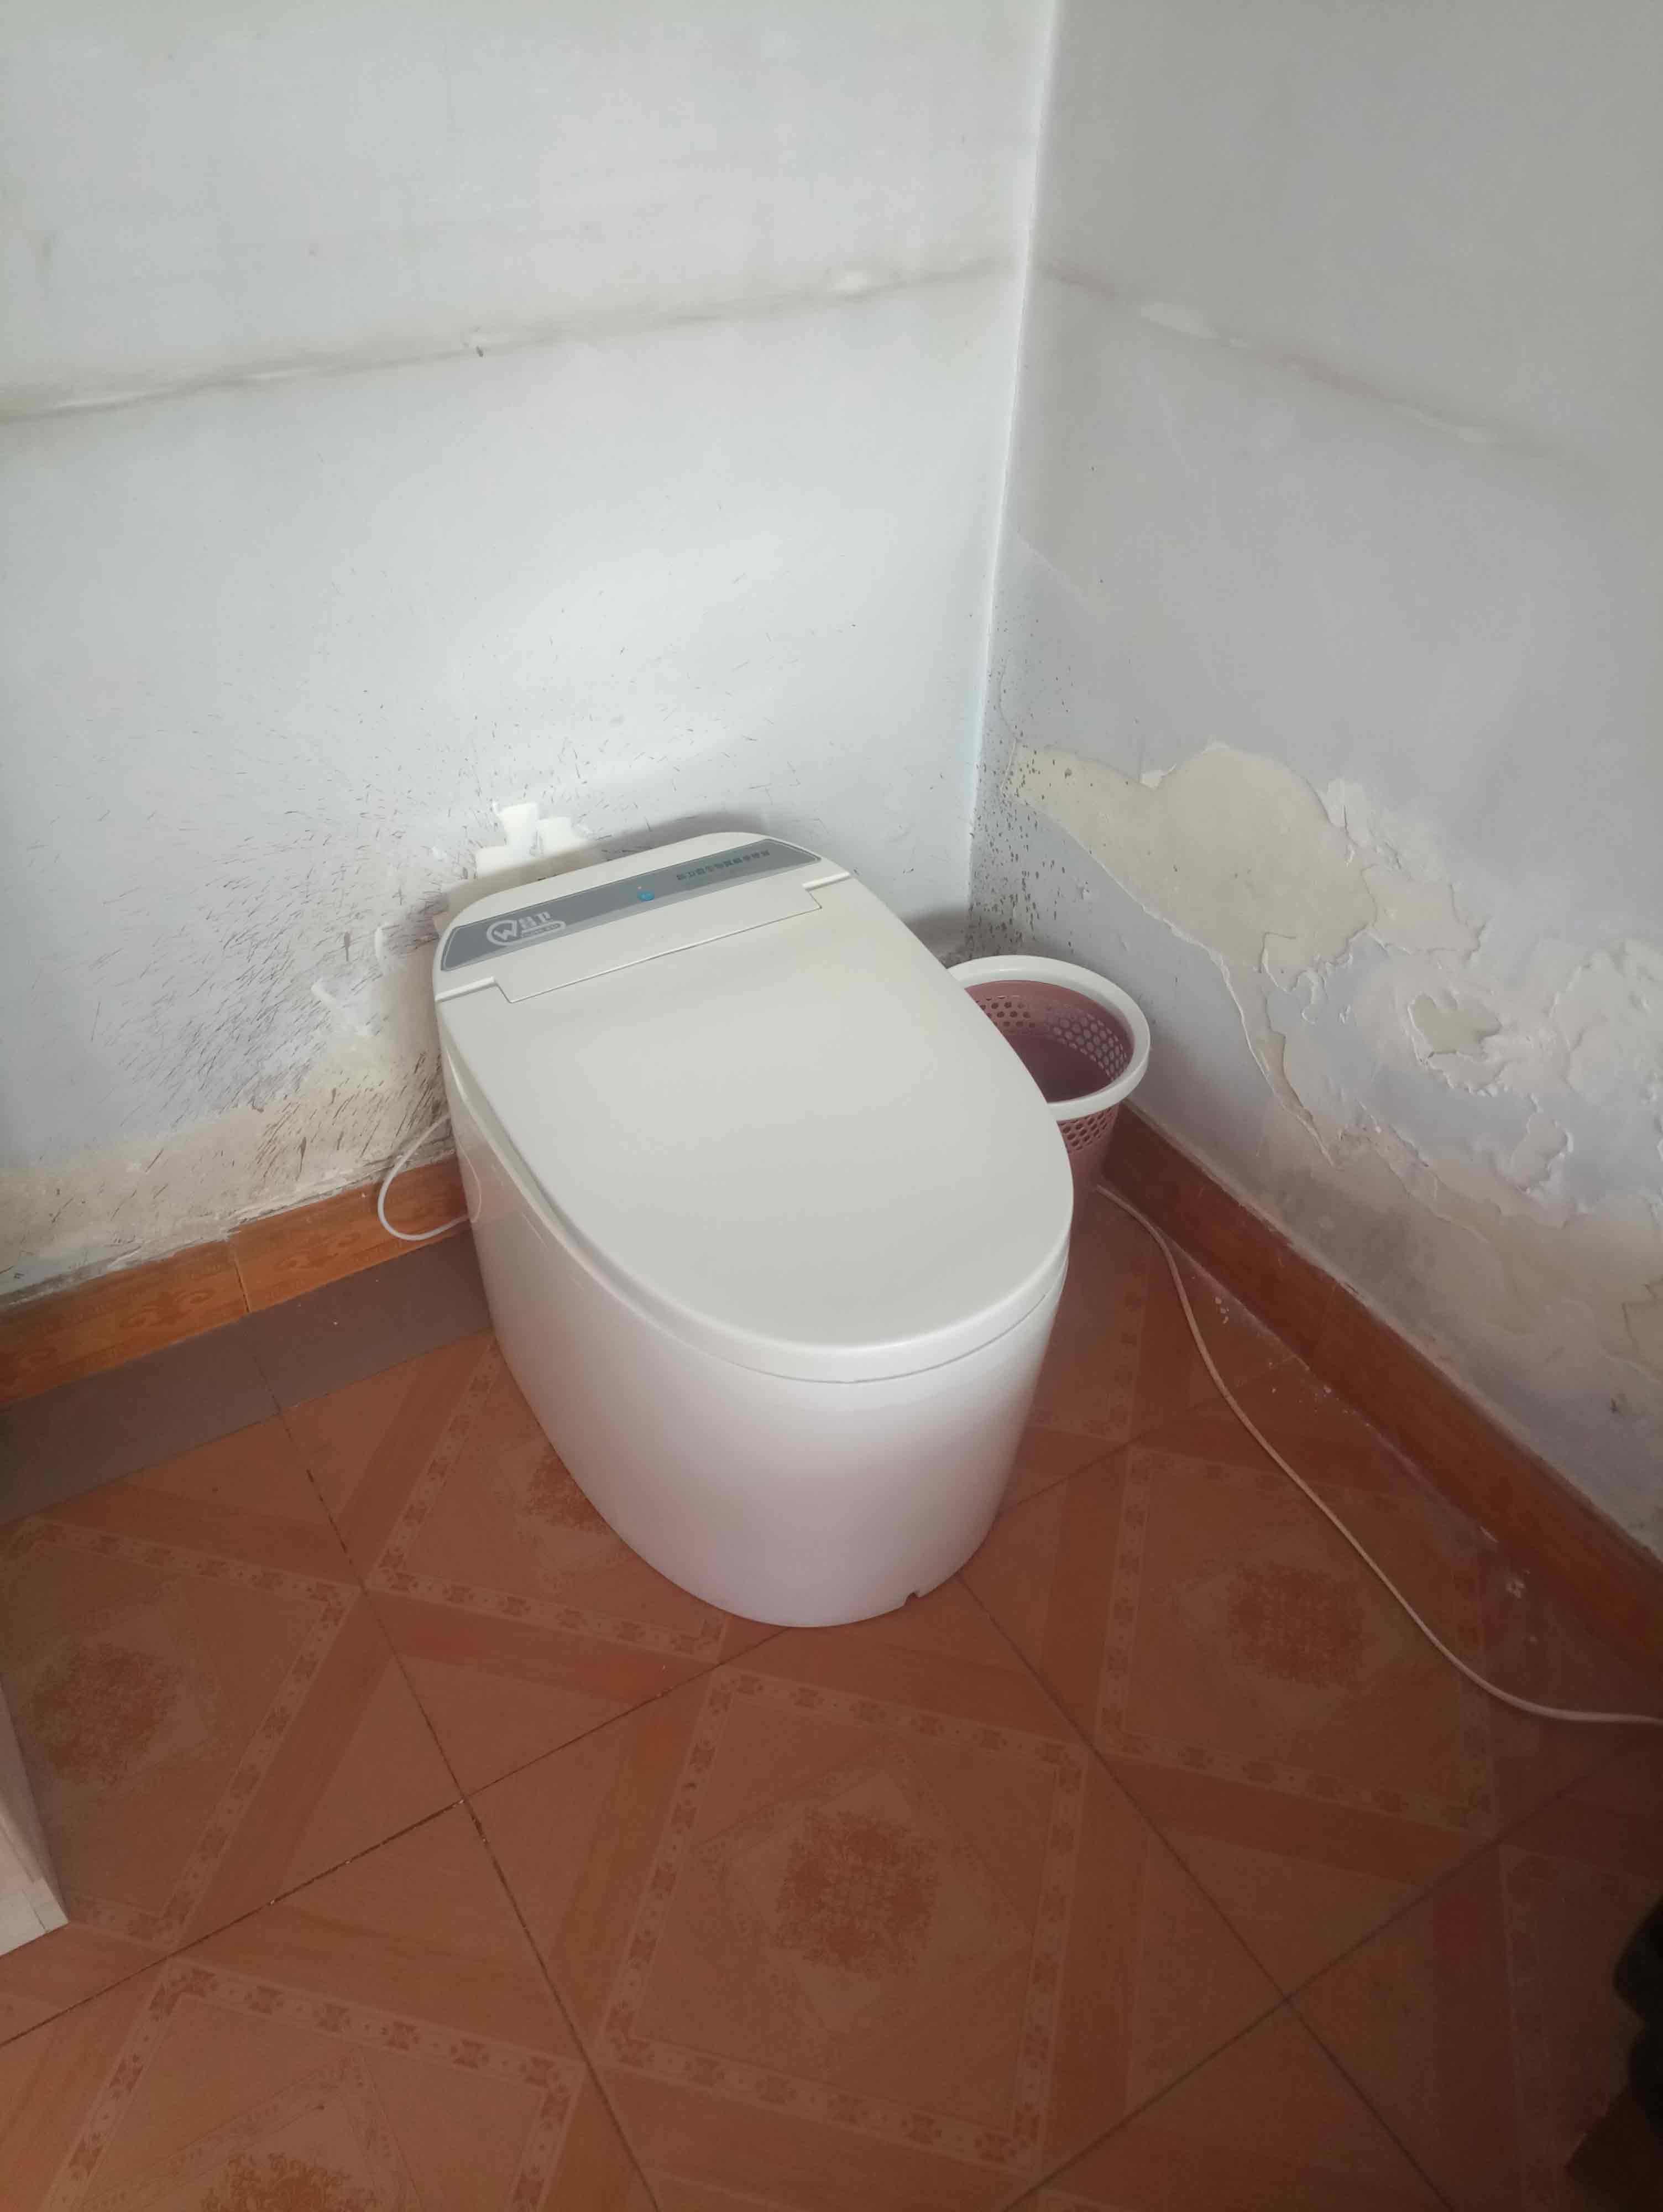 西藏无水马桶供应,马桶